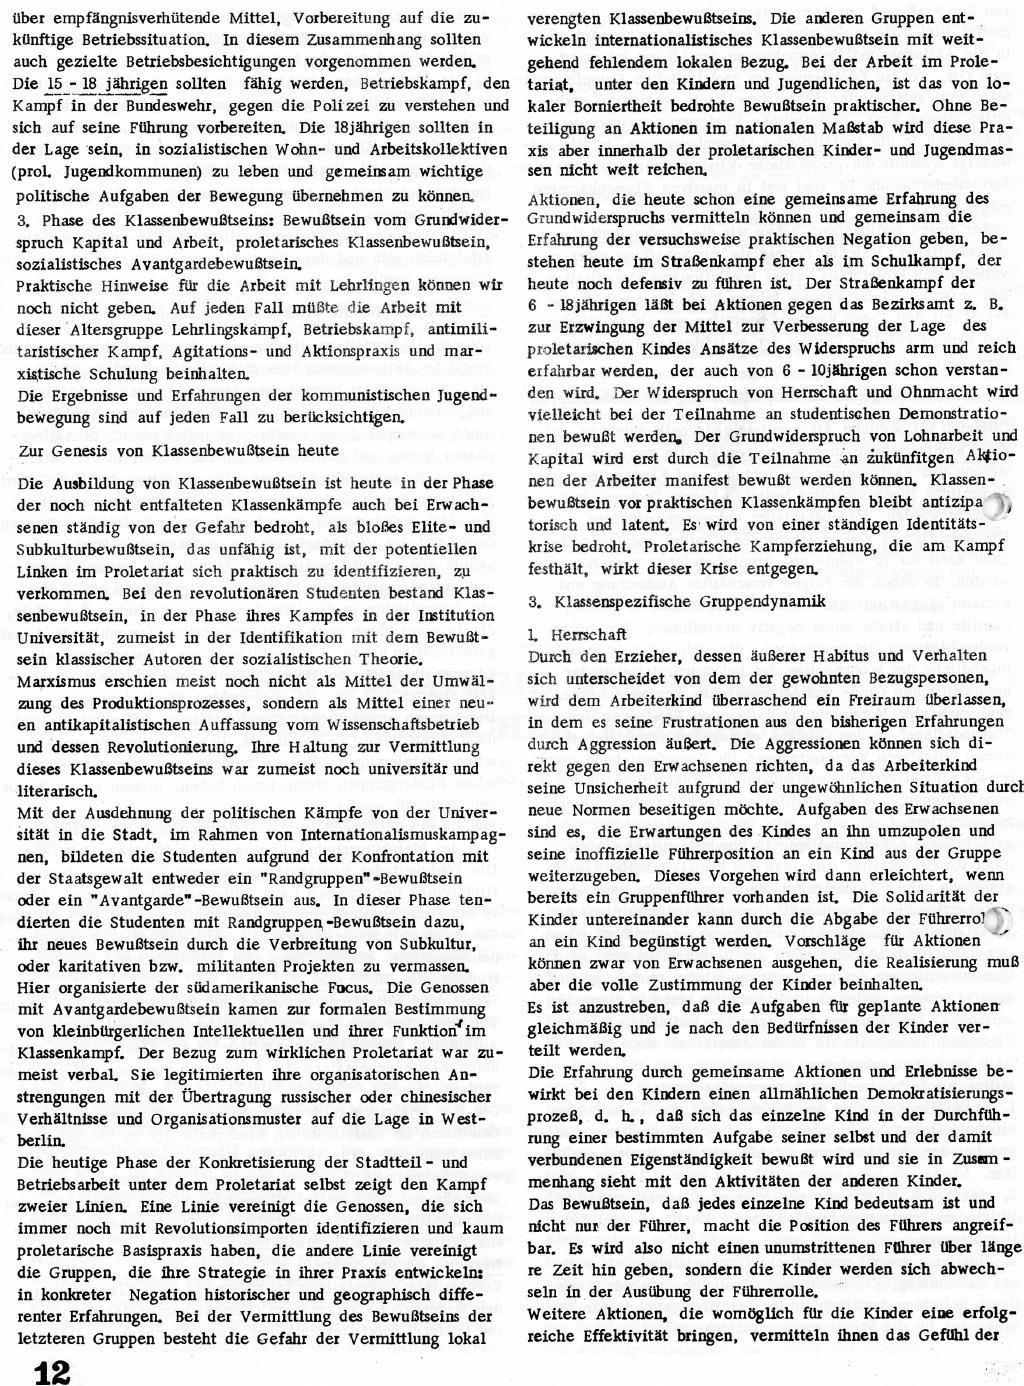 RPK_1970_061_12